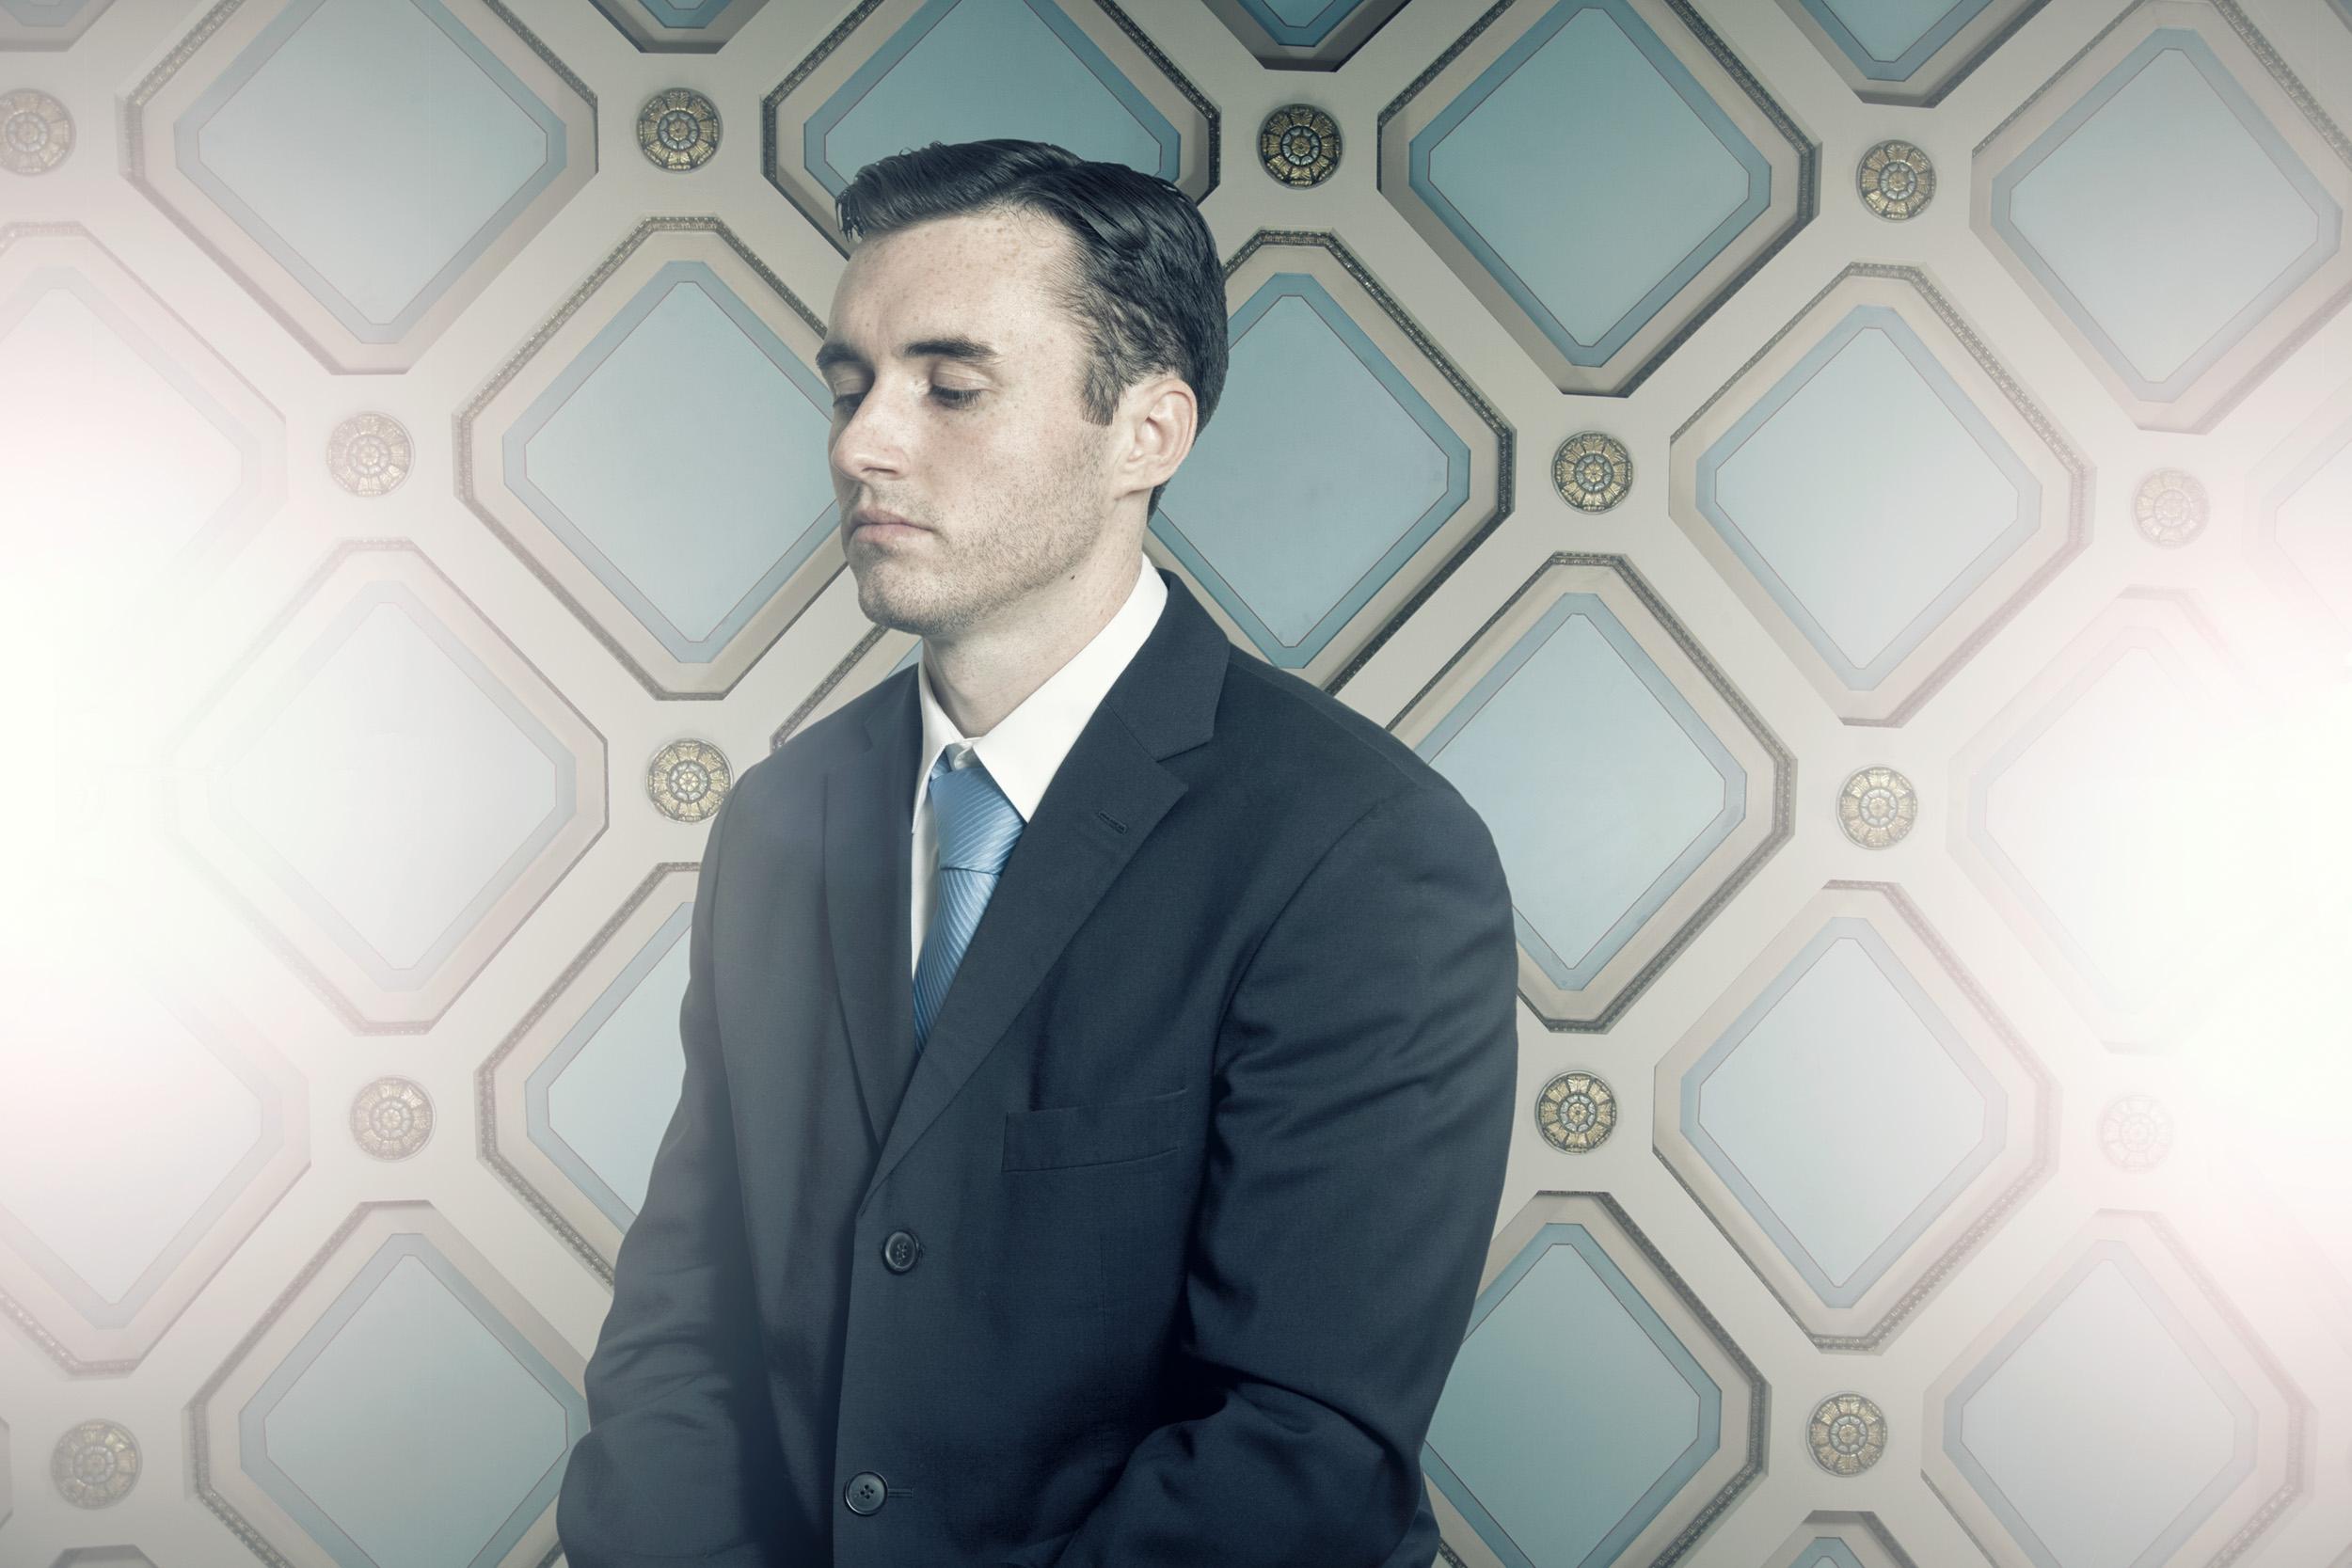 35_conceptual_portrait_businessman_millenial.jpg